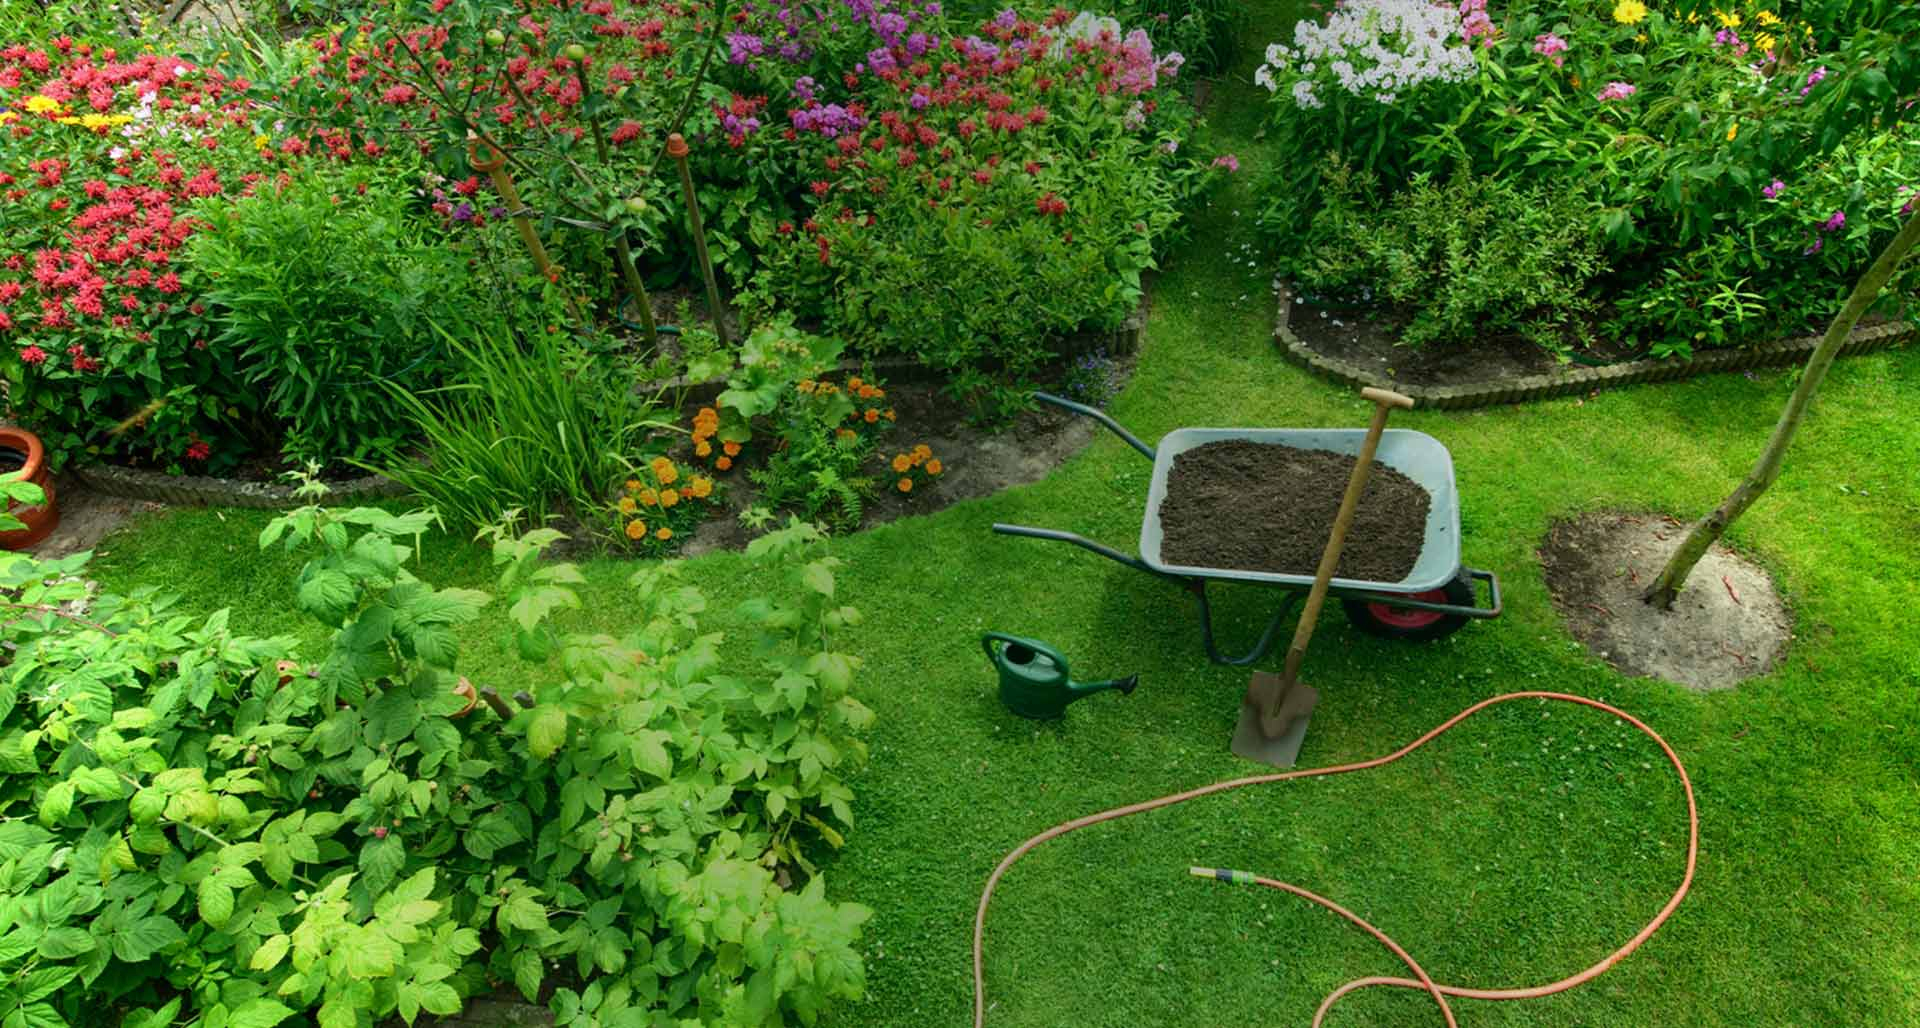 Jardineries Truffaut : Spécialiste Jardin, Animaux, Maison ... concernant Aménagement Jardin Pas Cher